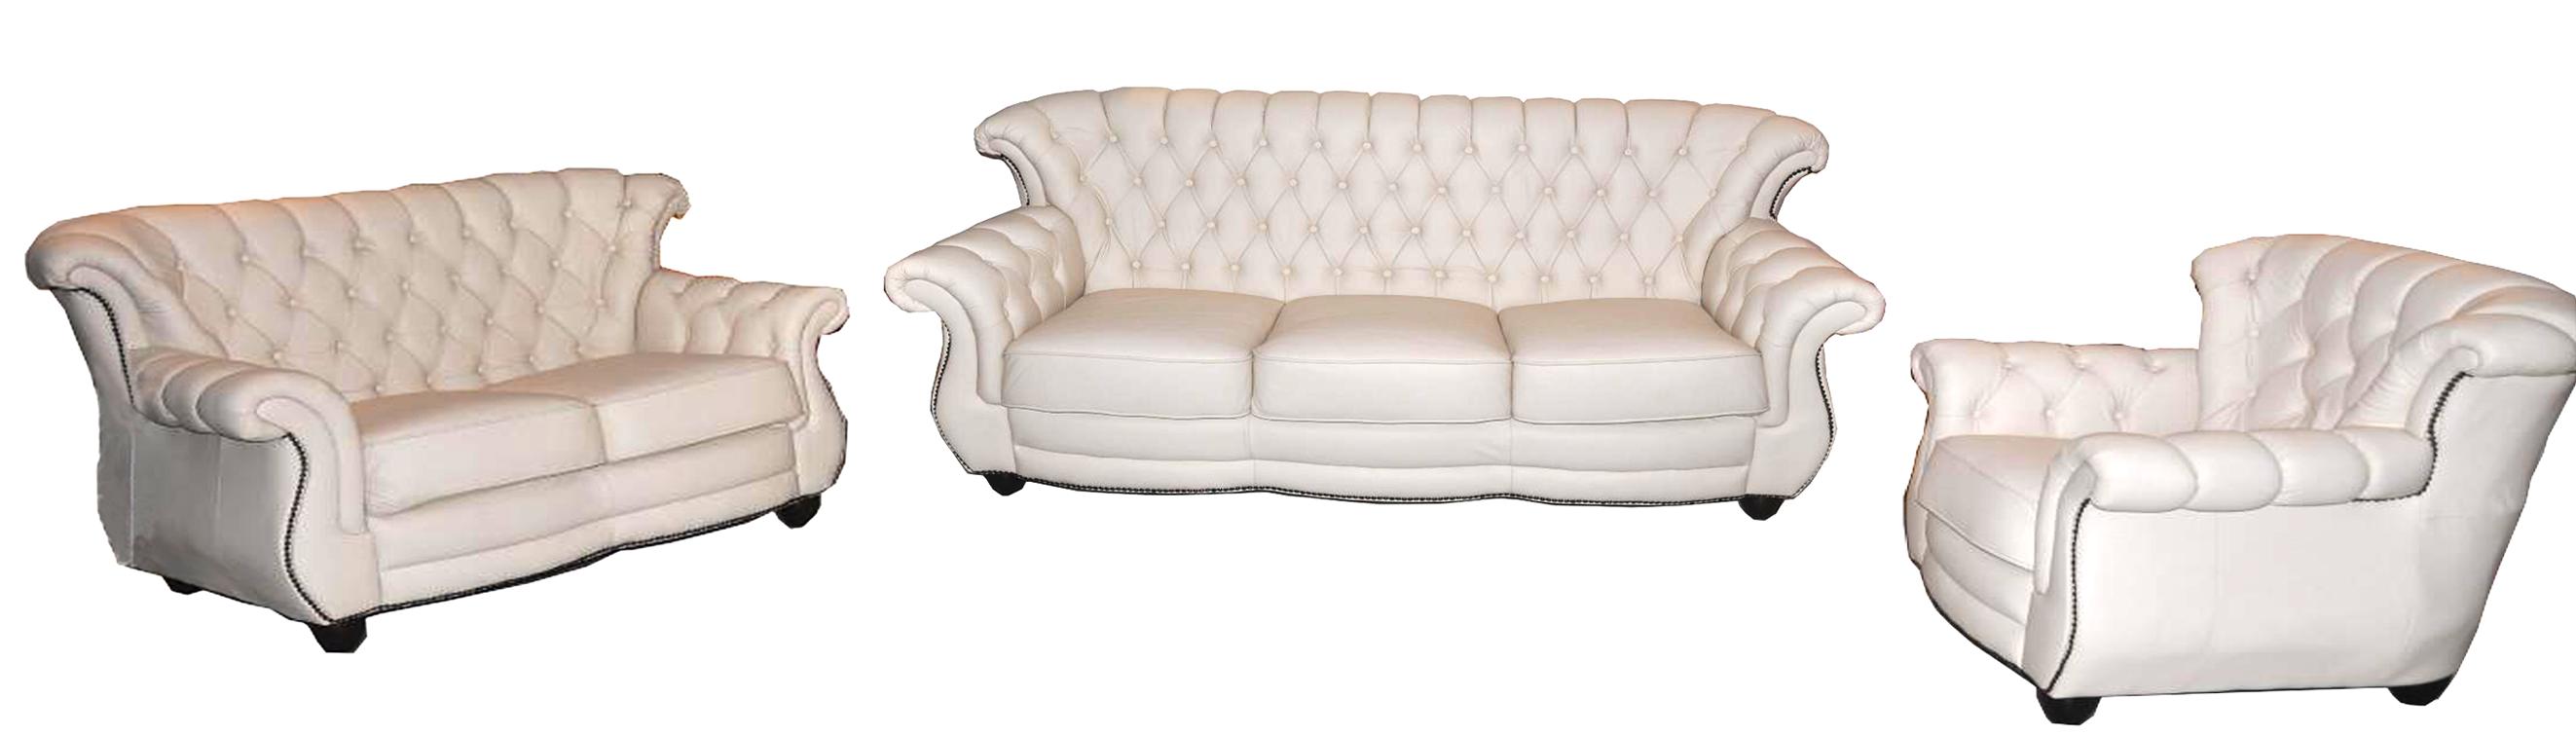 Full Size of Couchgarnitur 3 2 1 Sitzer Chesterfield Sofa Emma Samt 3 2 1 Sitzer Superior Big Emma Designer Sofagarnitur Robert Terassen Bett 140x200 Mit Matratze Und Sofa Sofa 3 2 1 Sitzer